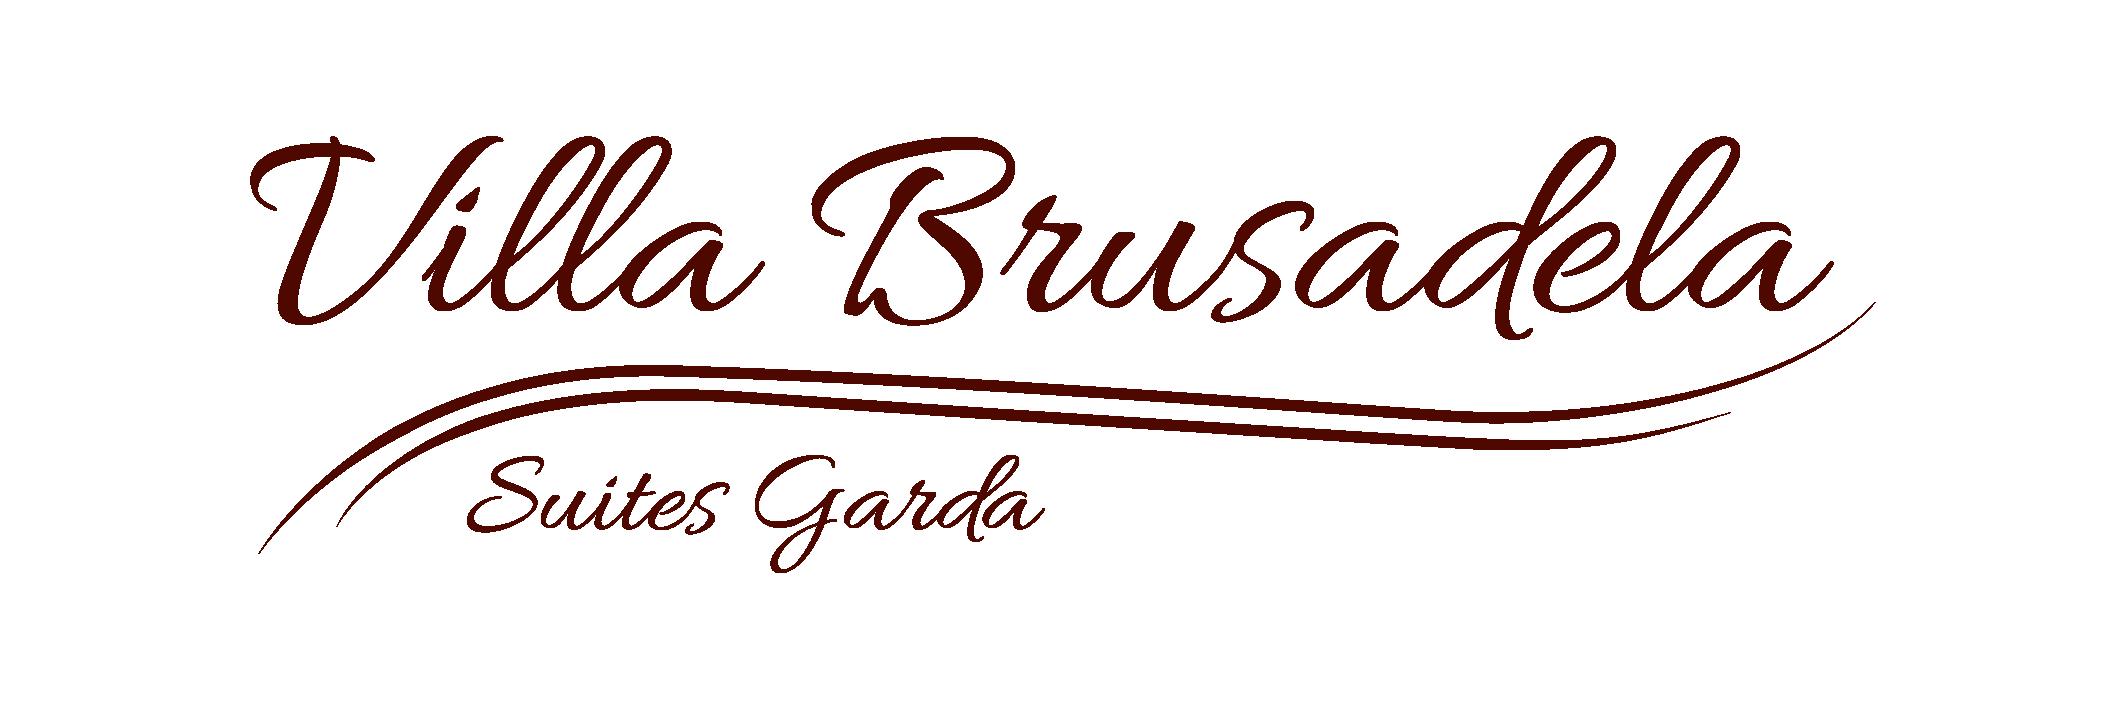 logo-villa-brusadela